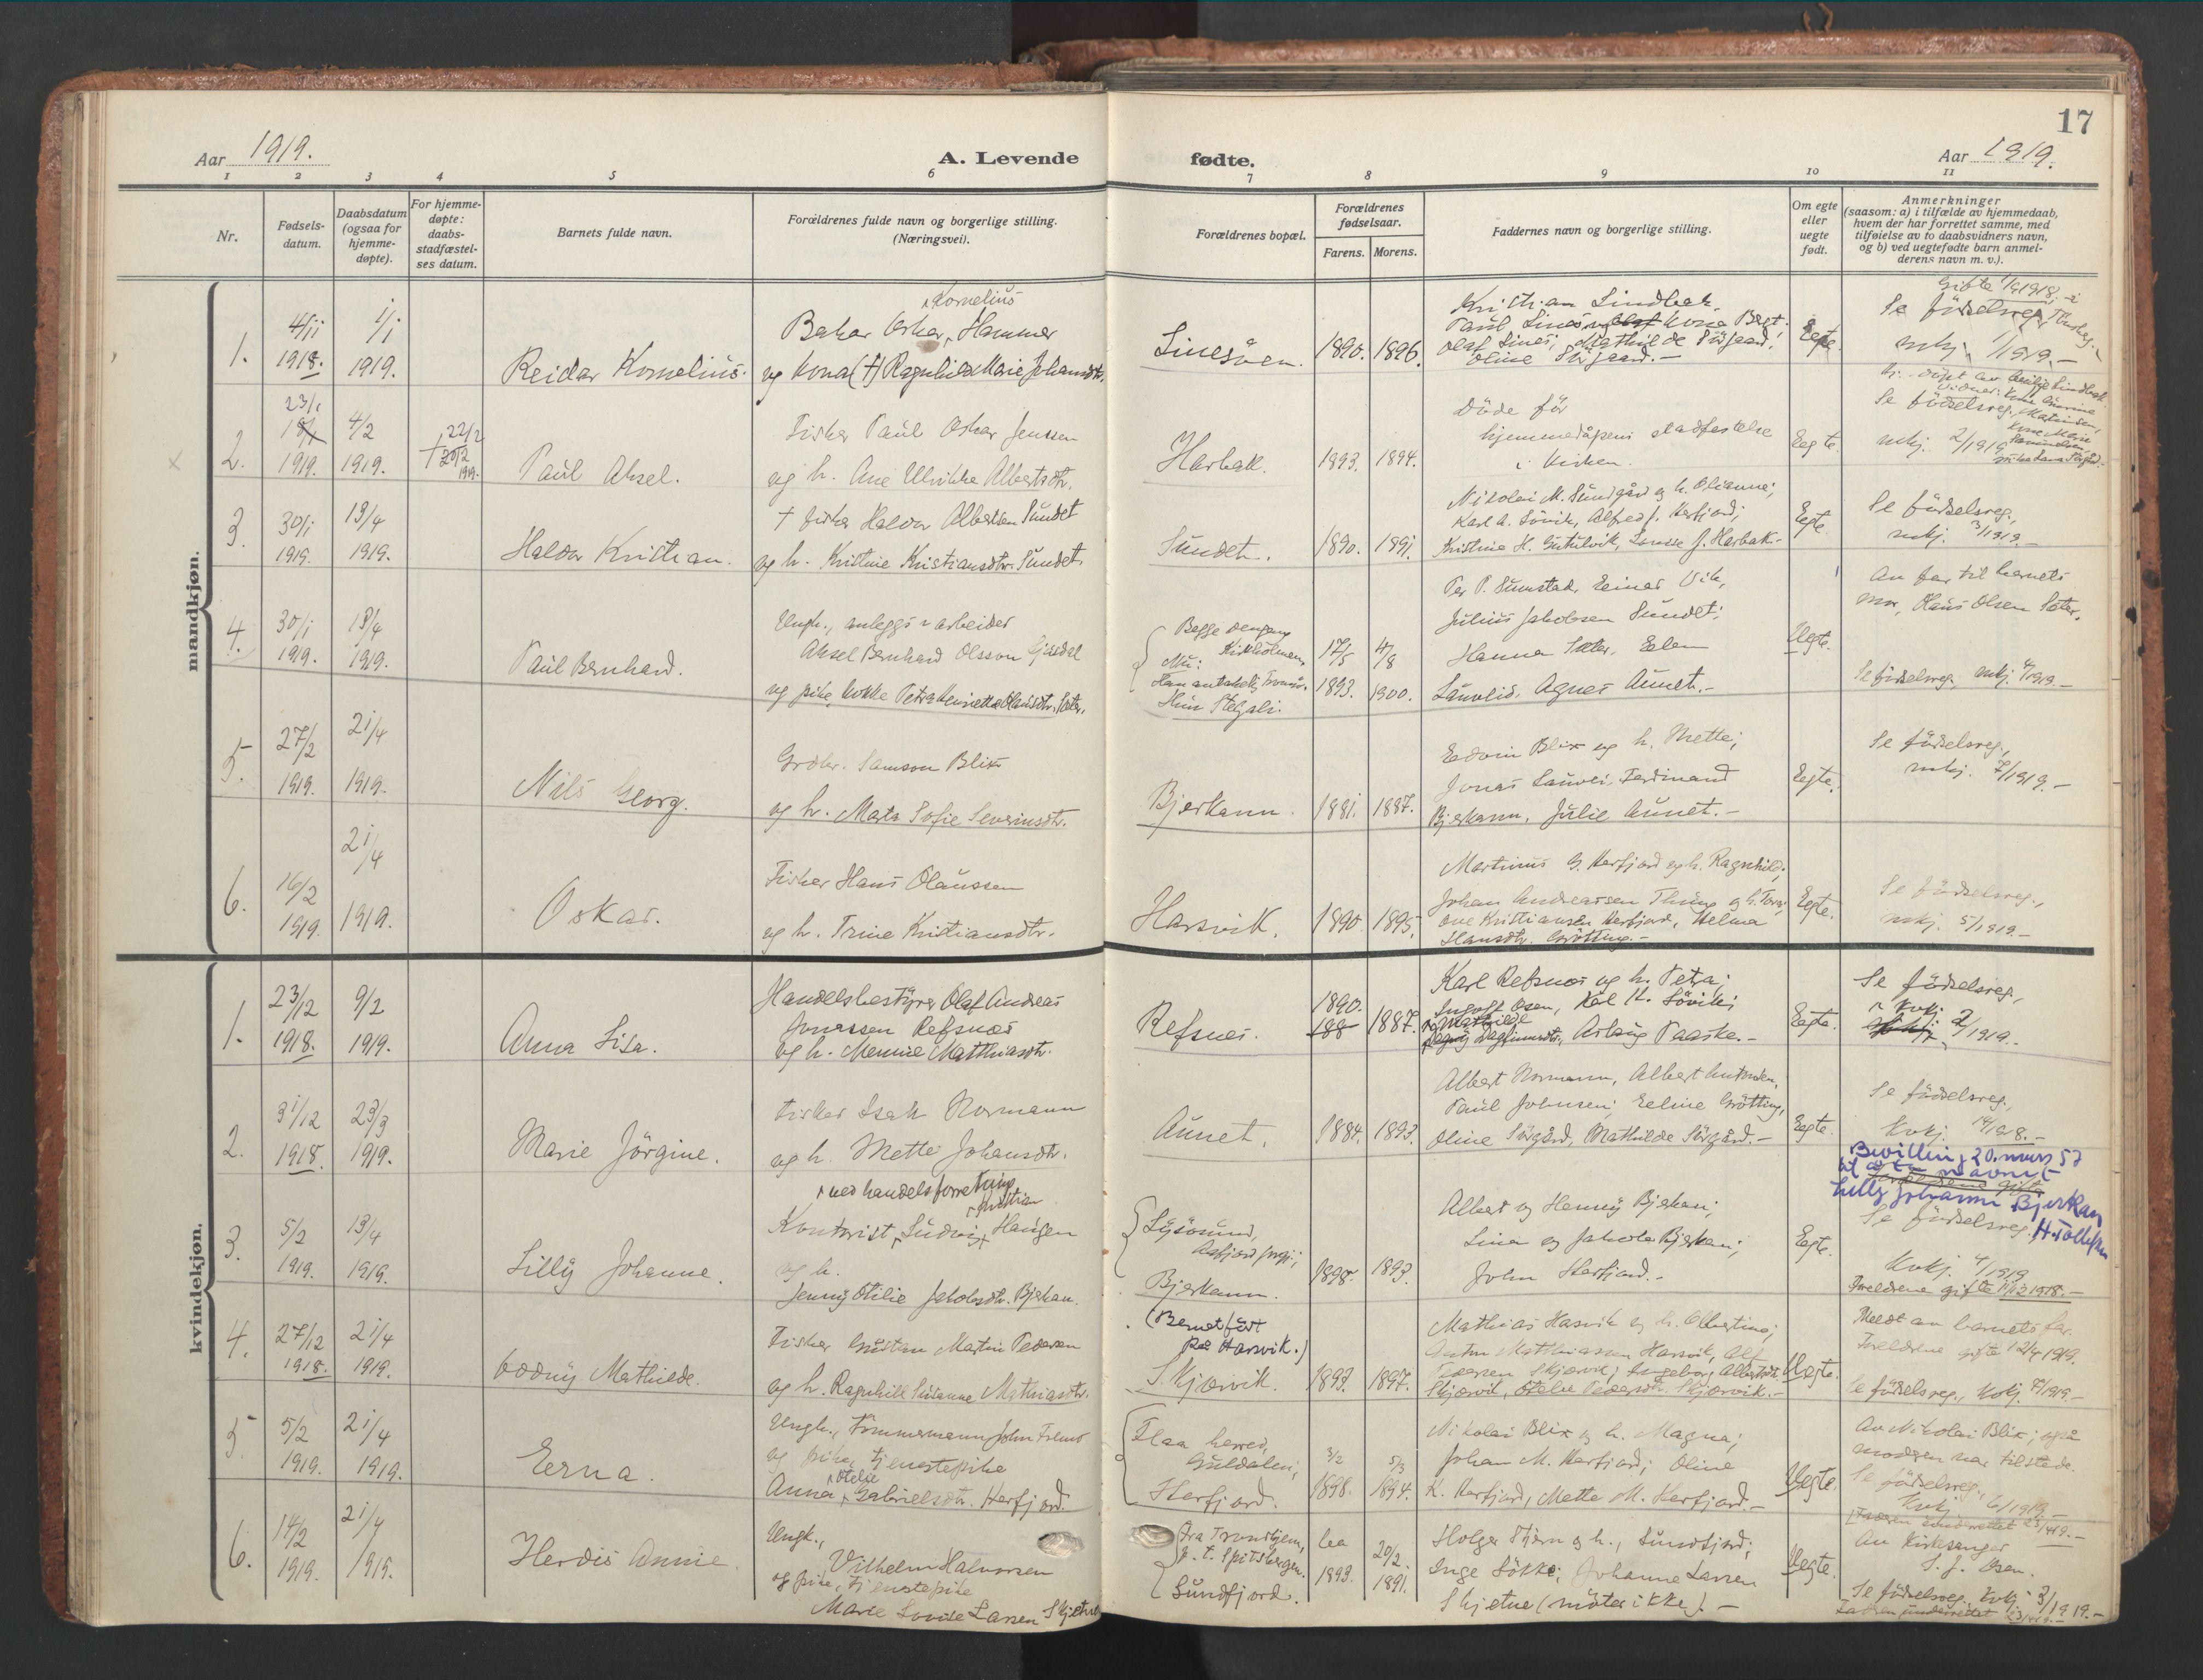 SAT, Ministerialprotokoller, klokkerbøker og fødselsregistre - Sør-Trøndelag, 656/L0694: Ministerialbok nr. 656A03, 1914-1931, s. 17